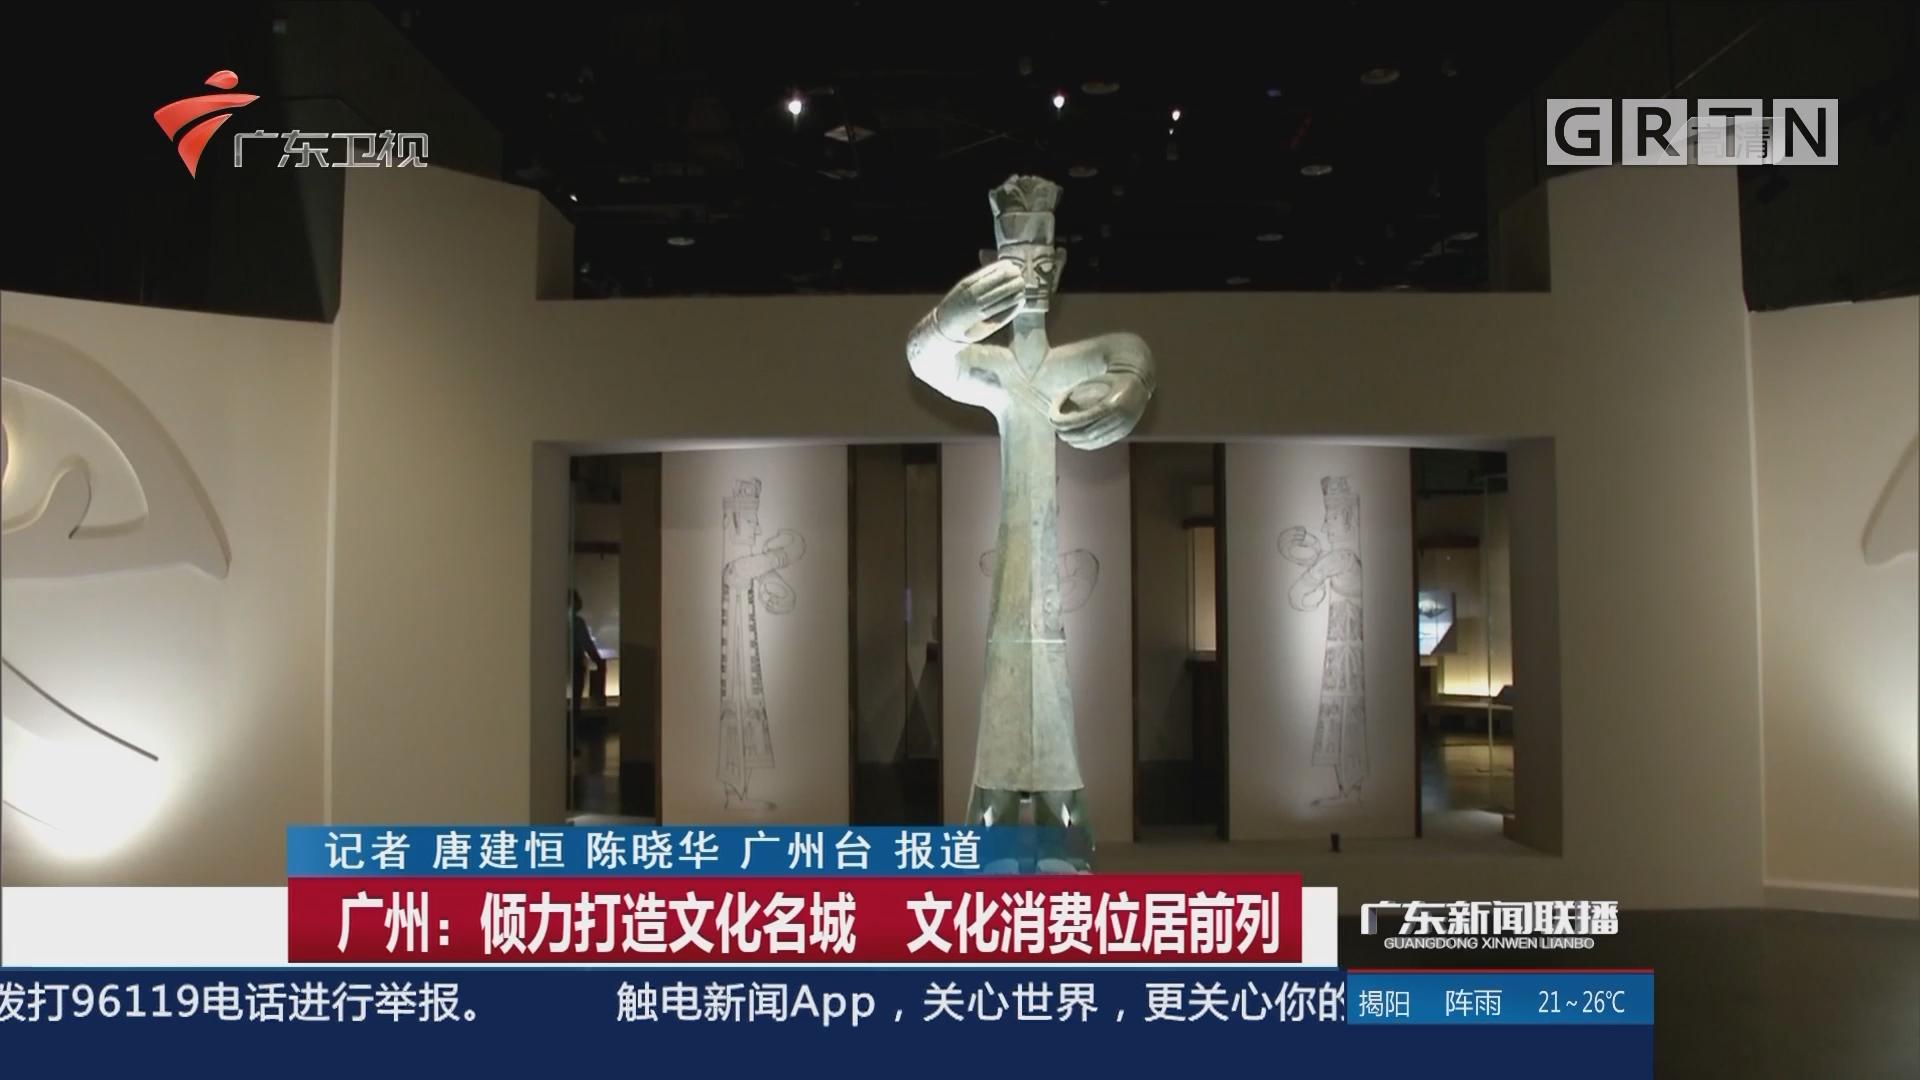 广州:倾力打造文化名城 文化消费位居前列